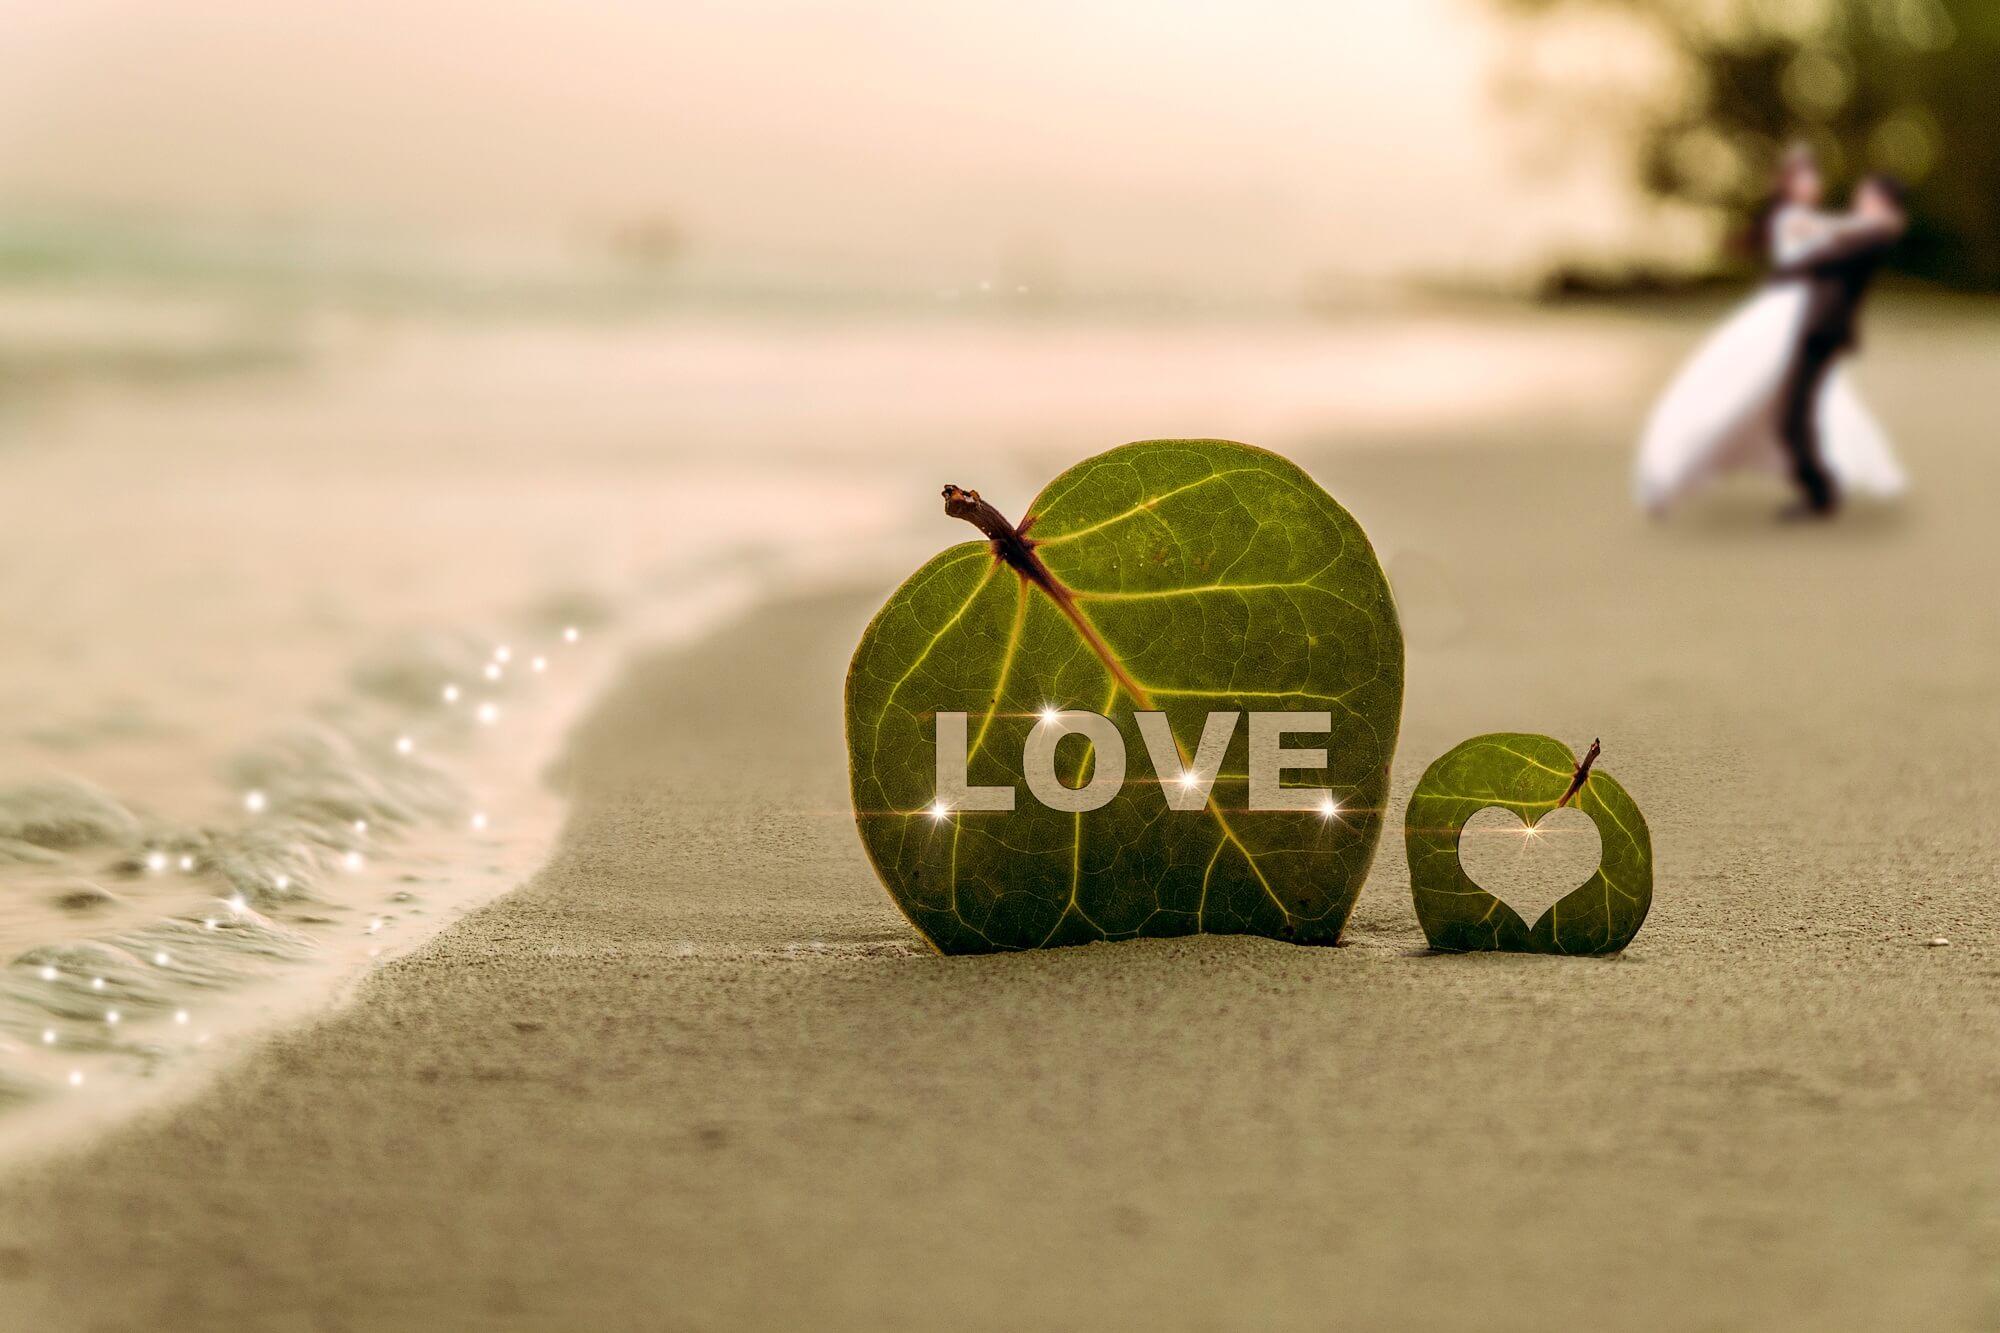 愛の葉っぱ